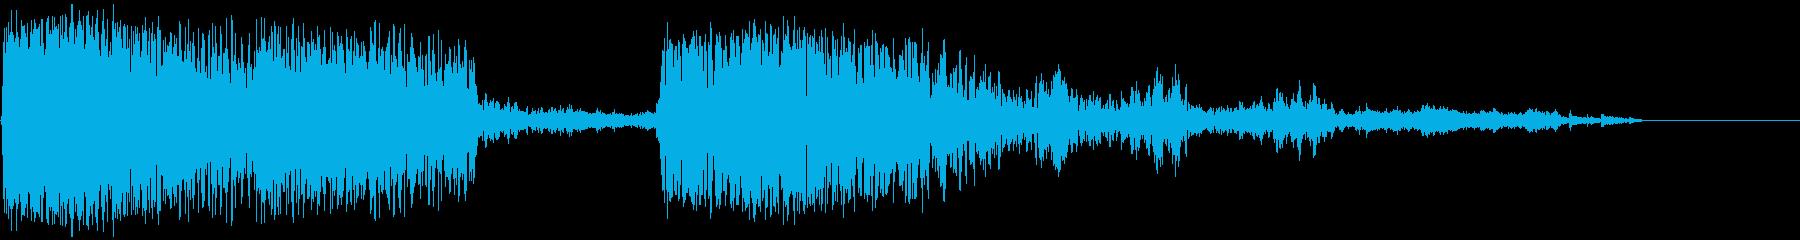 アルマゲドン爆発とデブリの再生済みの波形